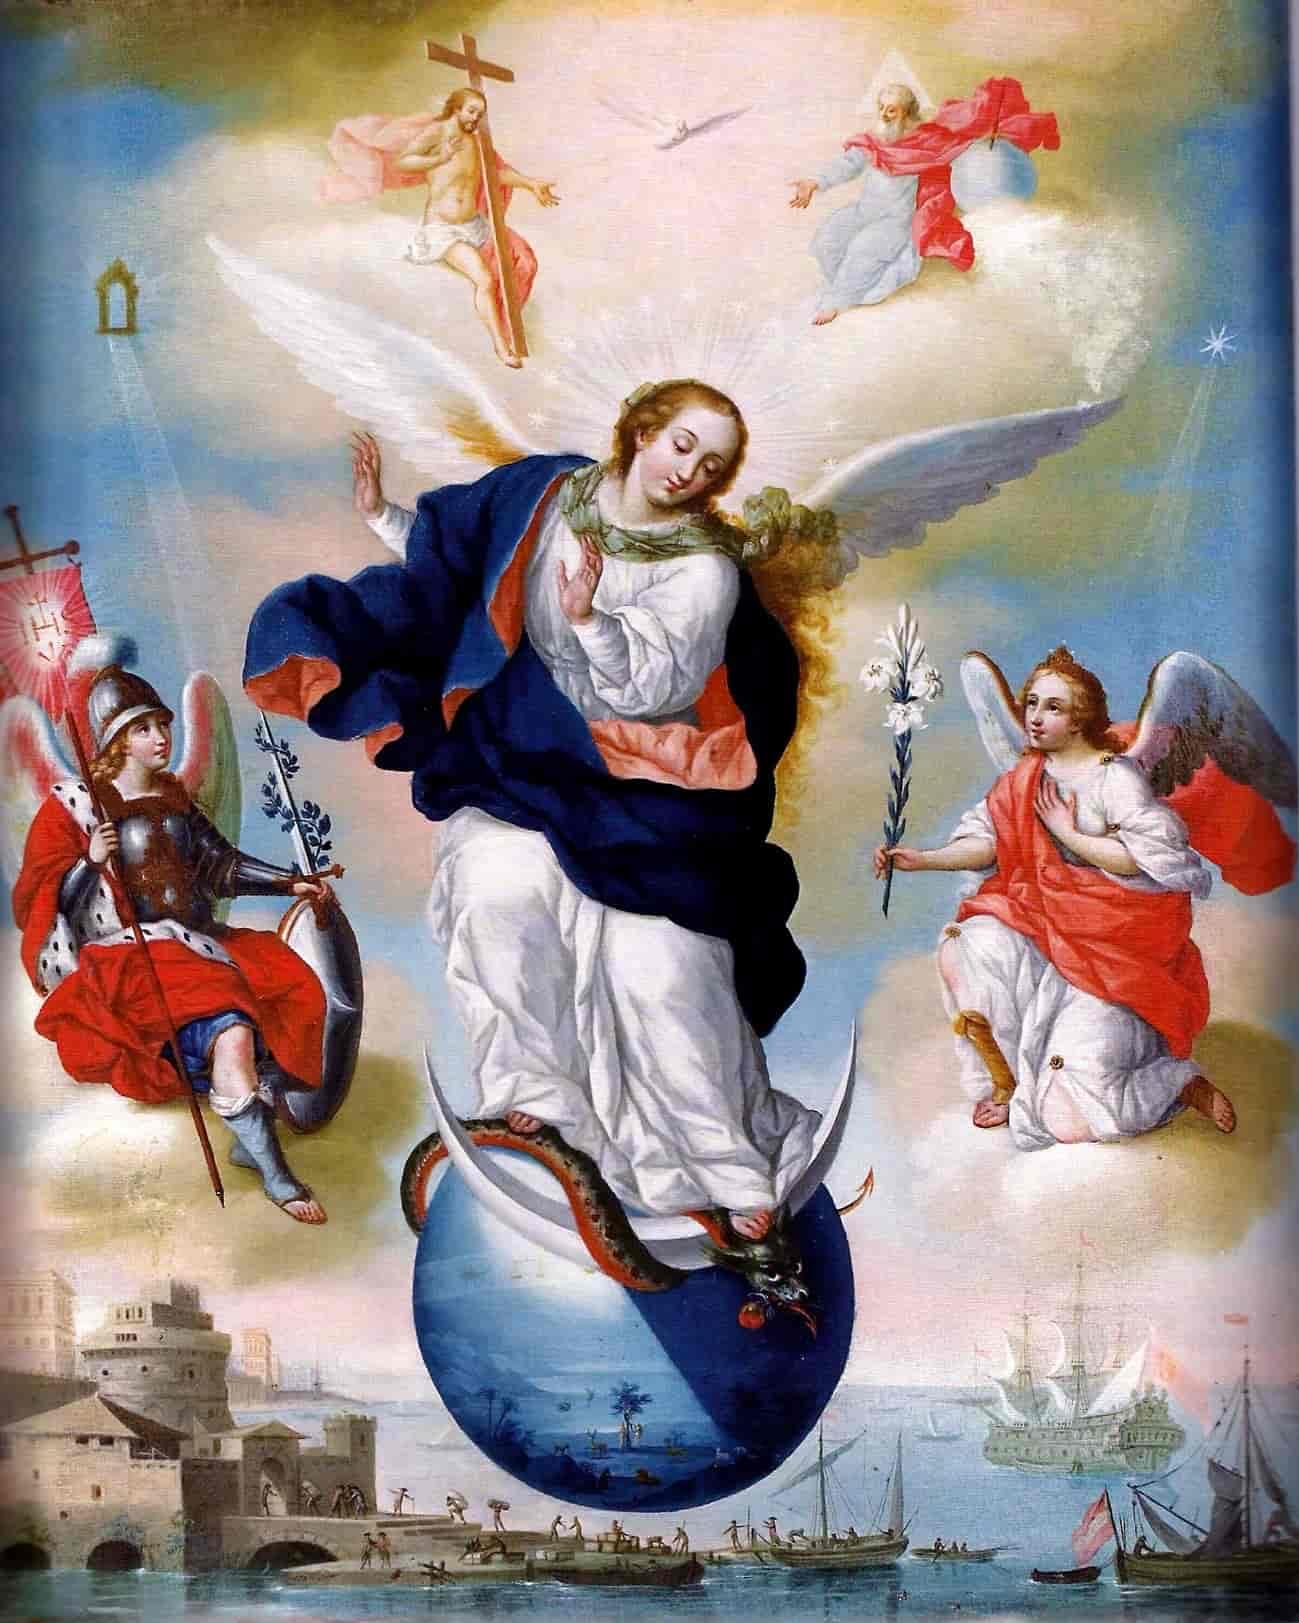 La santa intransigencia un aspecto de la Inmaculada Concepción 1